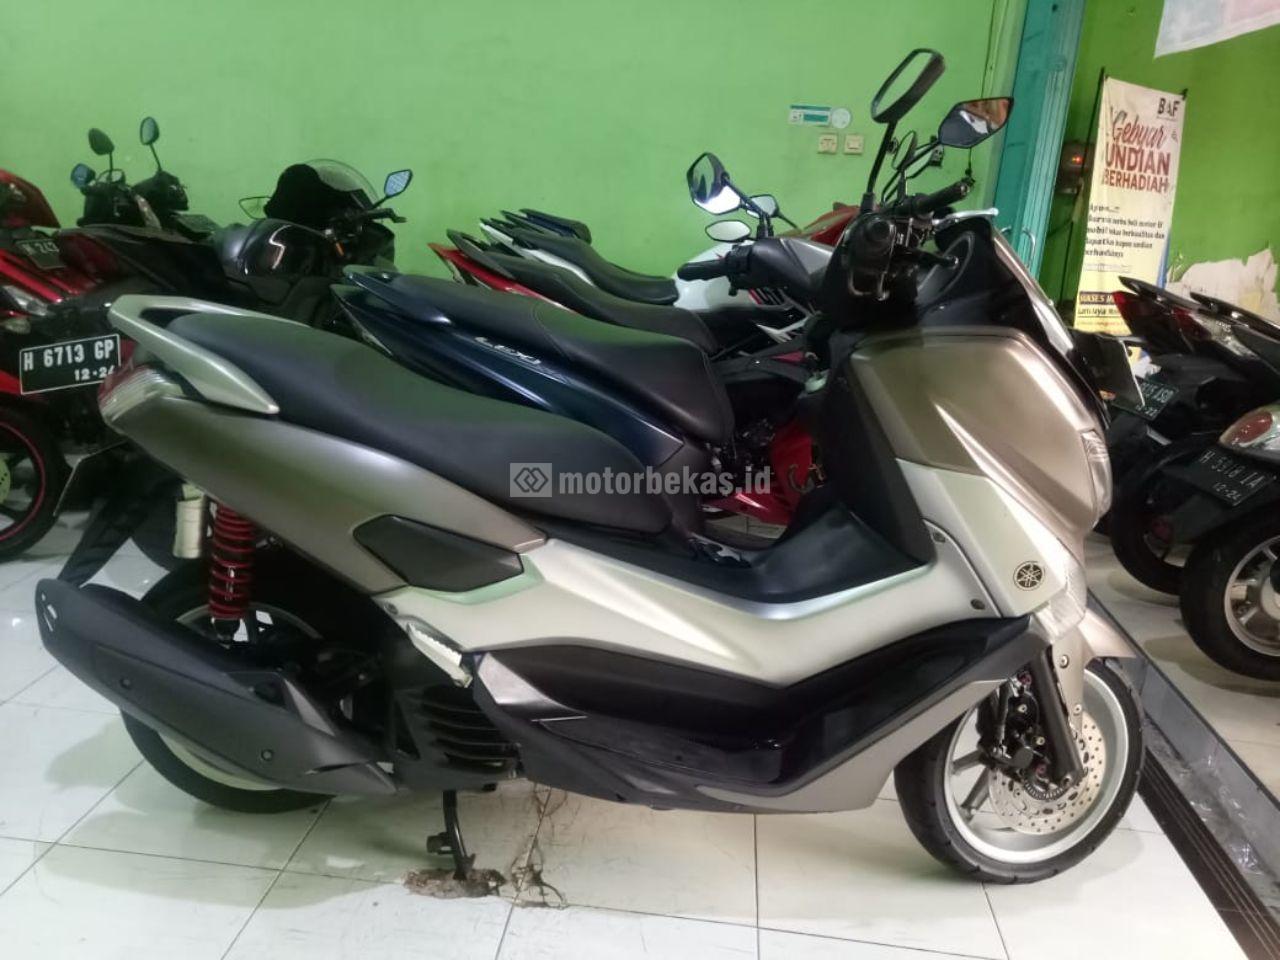 YAMAHA NMAX 155  3130 motorbekas.id